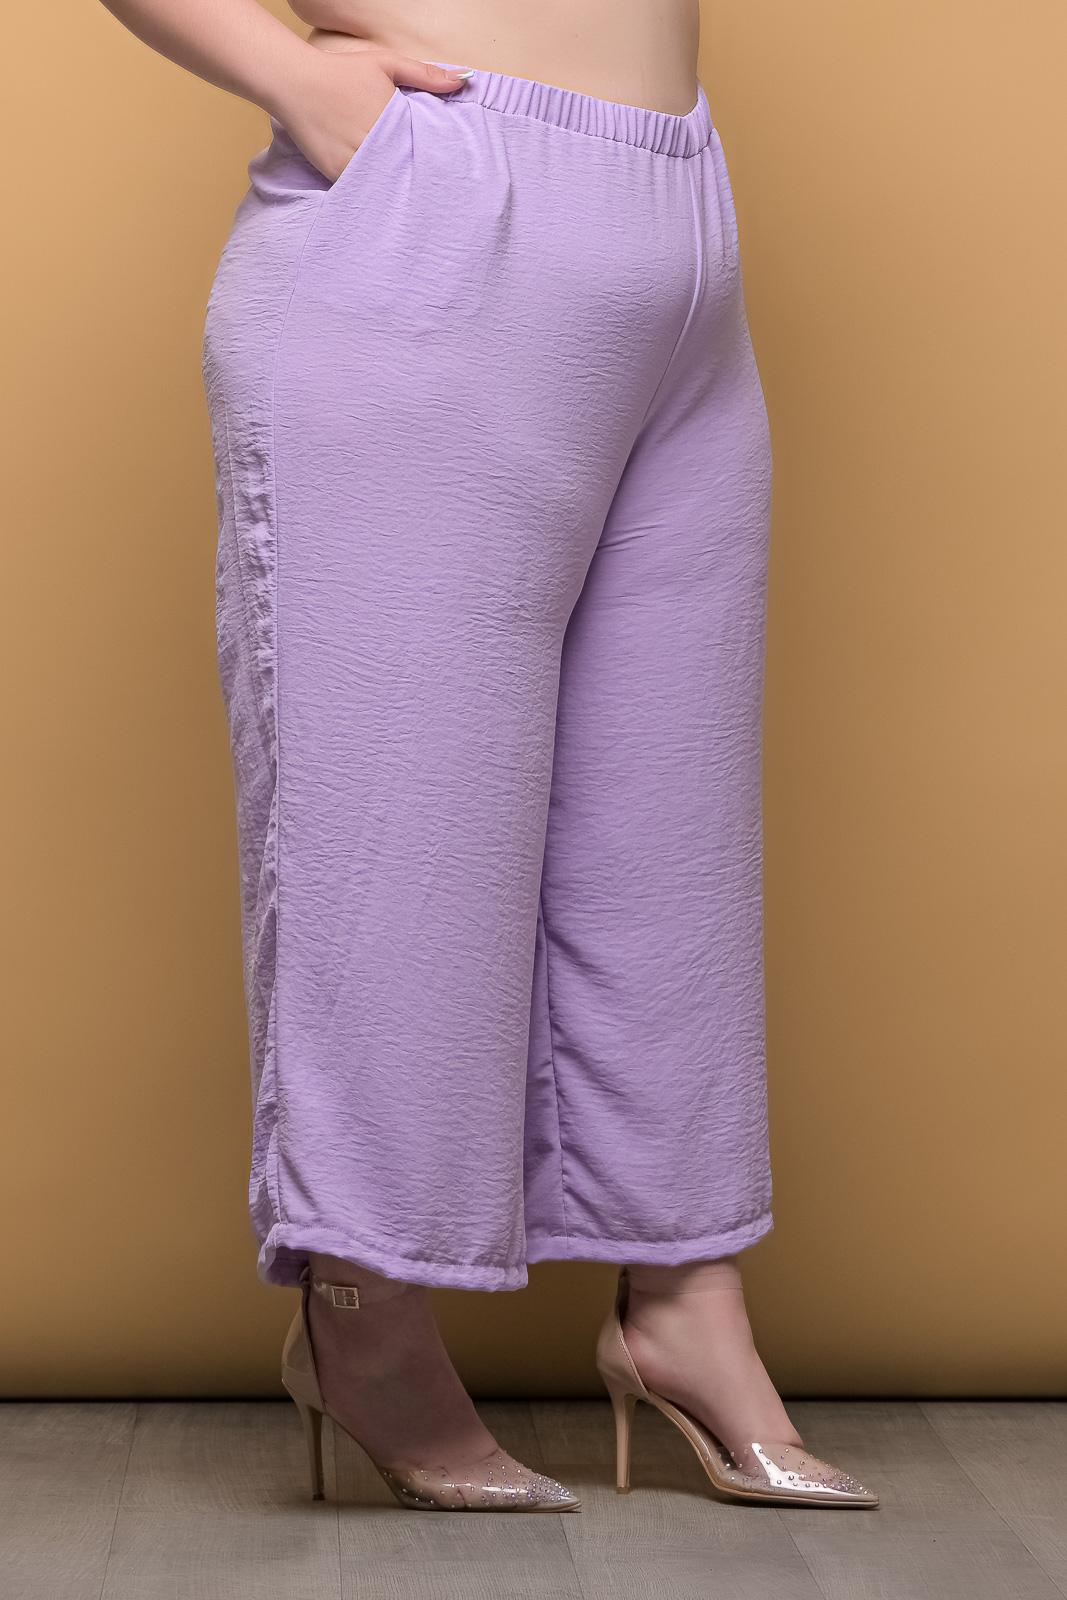 Ζιπ κιλοτ μεγάλα μεγέθη λιλά ανάλαφρη με λάστιχο στη μέση.Στο eshop μας θα βρείτε οικονομικά γυναίκεια ρούχα σε μεγάλα μεγέθη και υπερμεγέθη.